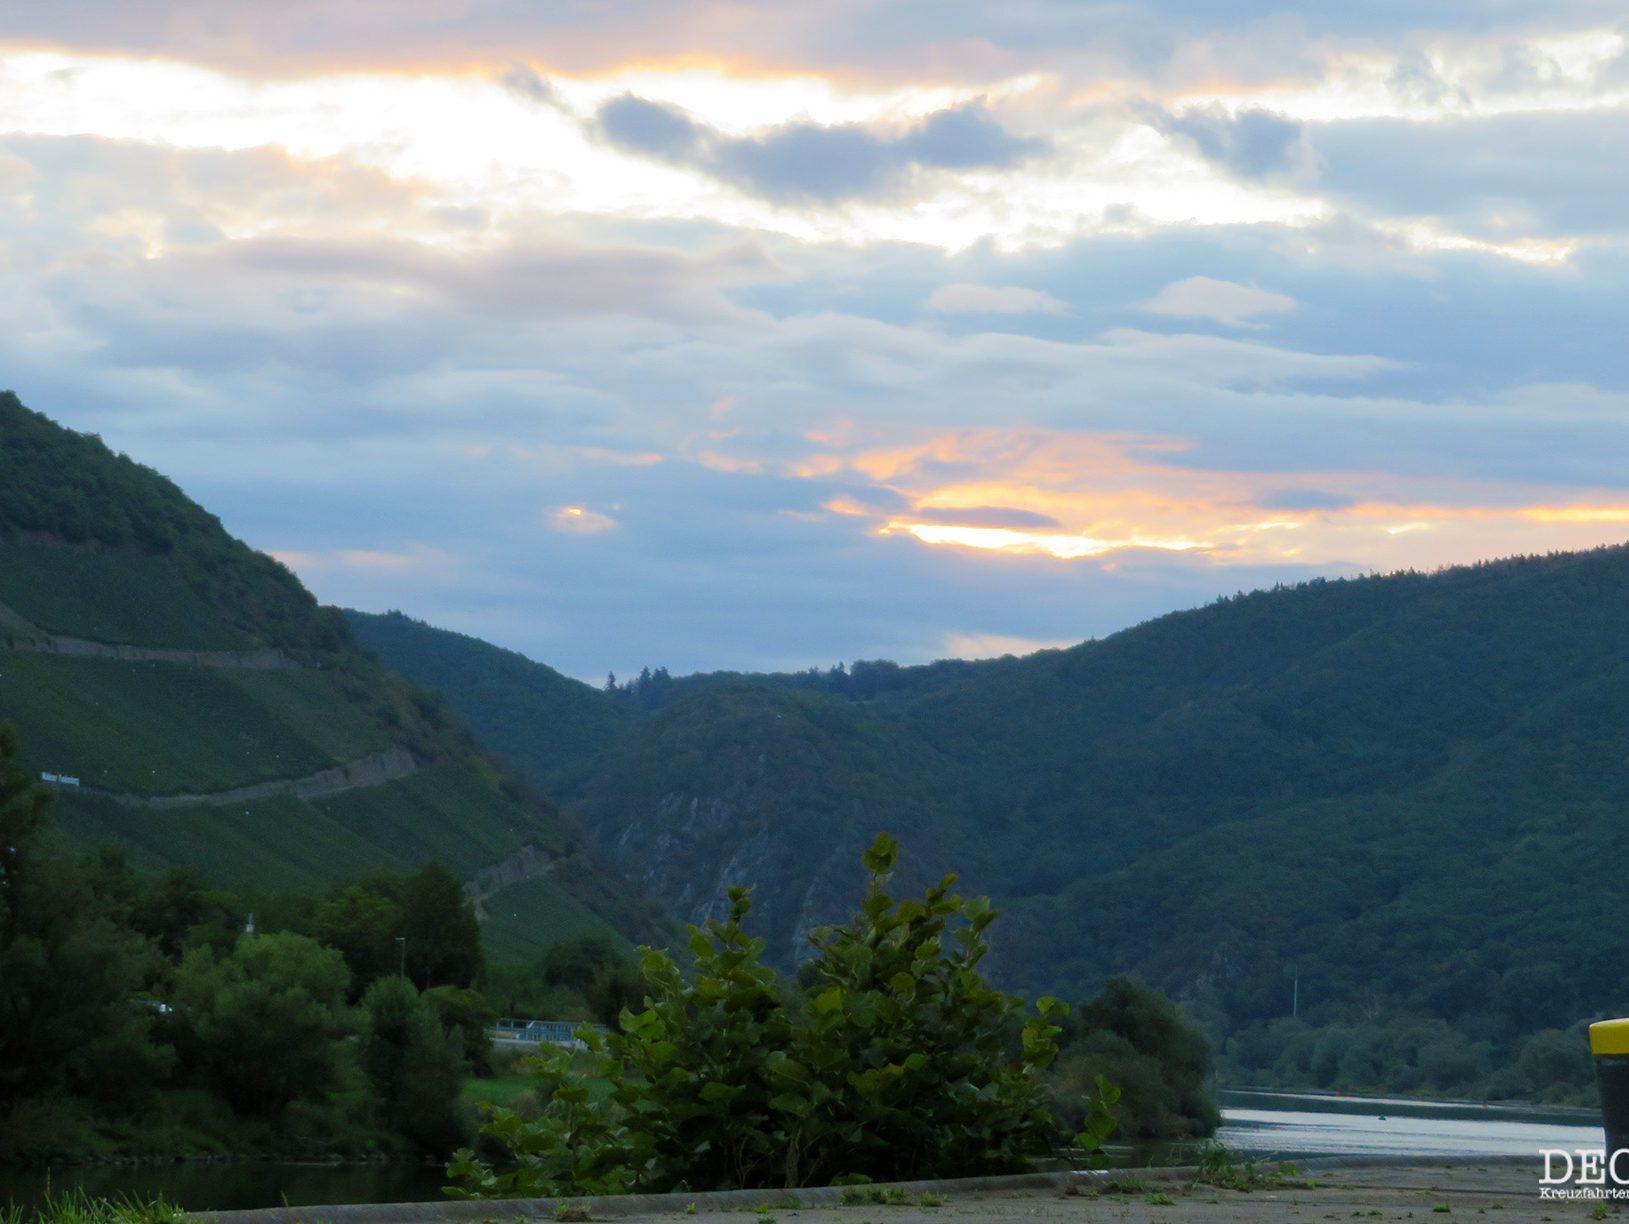 Der erste Sonnenaufgang auf meiner Flusskreuzfahrt an Bord der Rhein Melodie von nicko cruises. Leider nicht mit optimaler Perspektive auf die Mosel. (Reisebericht)